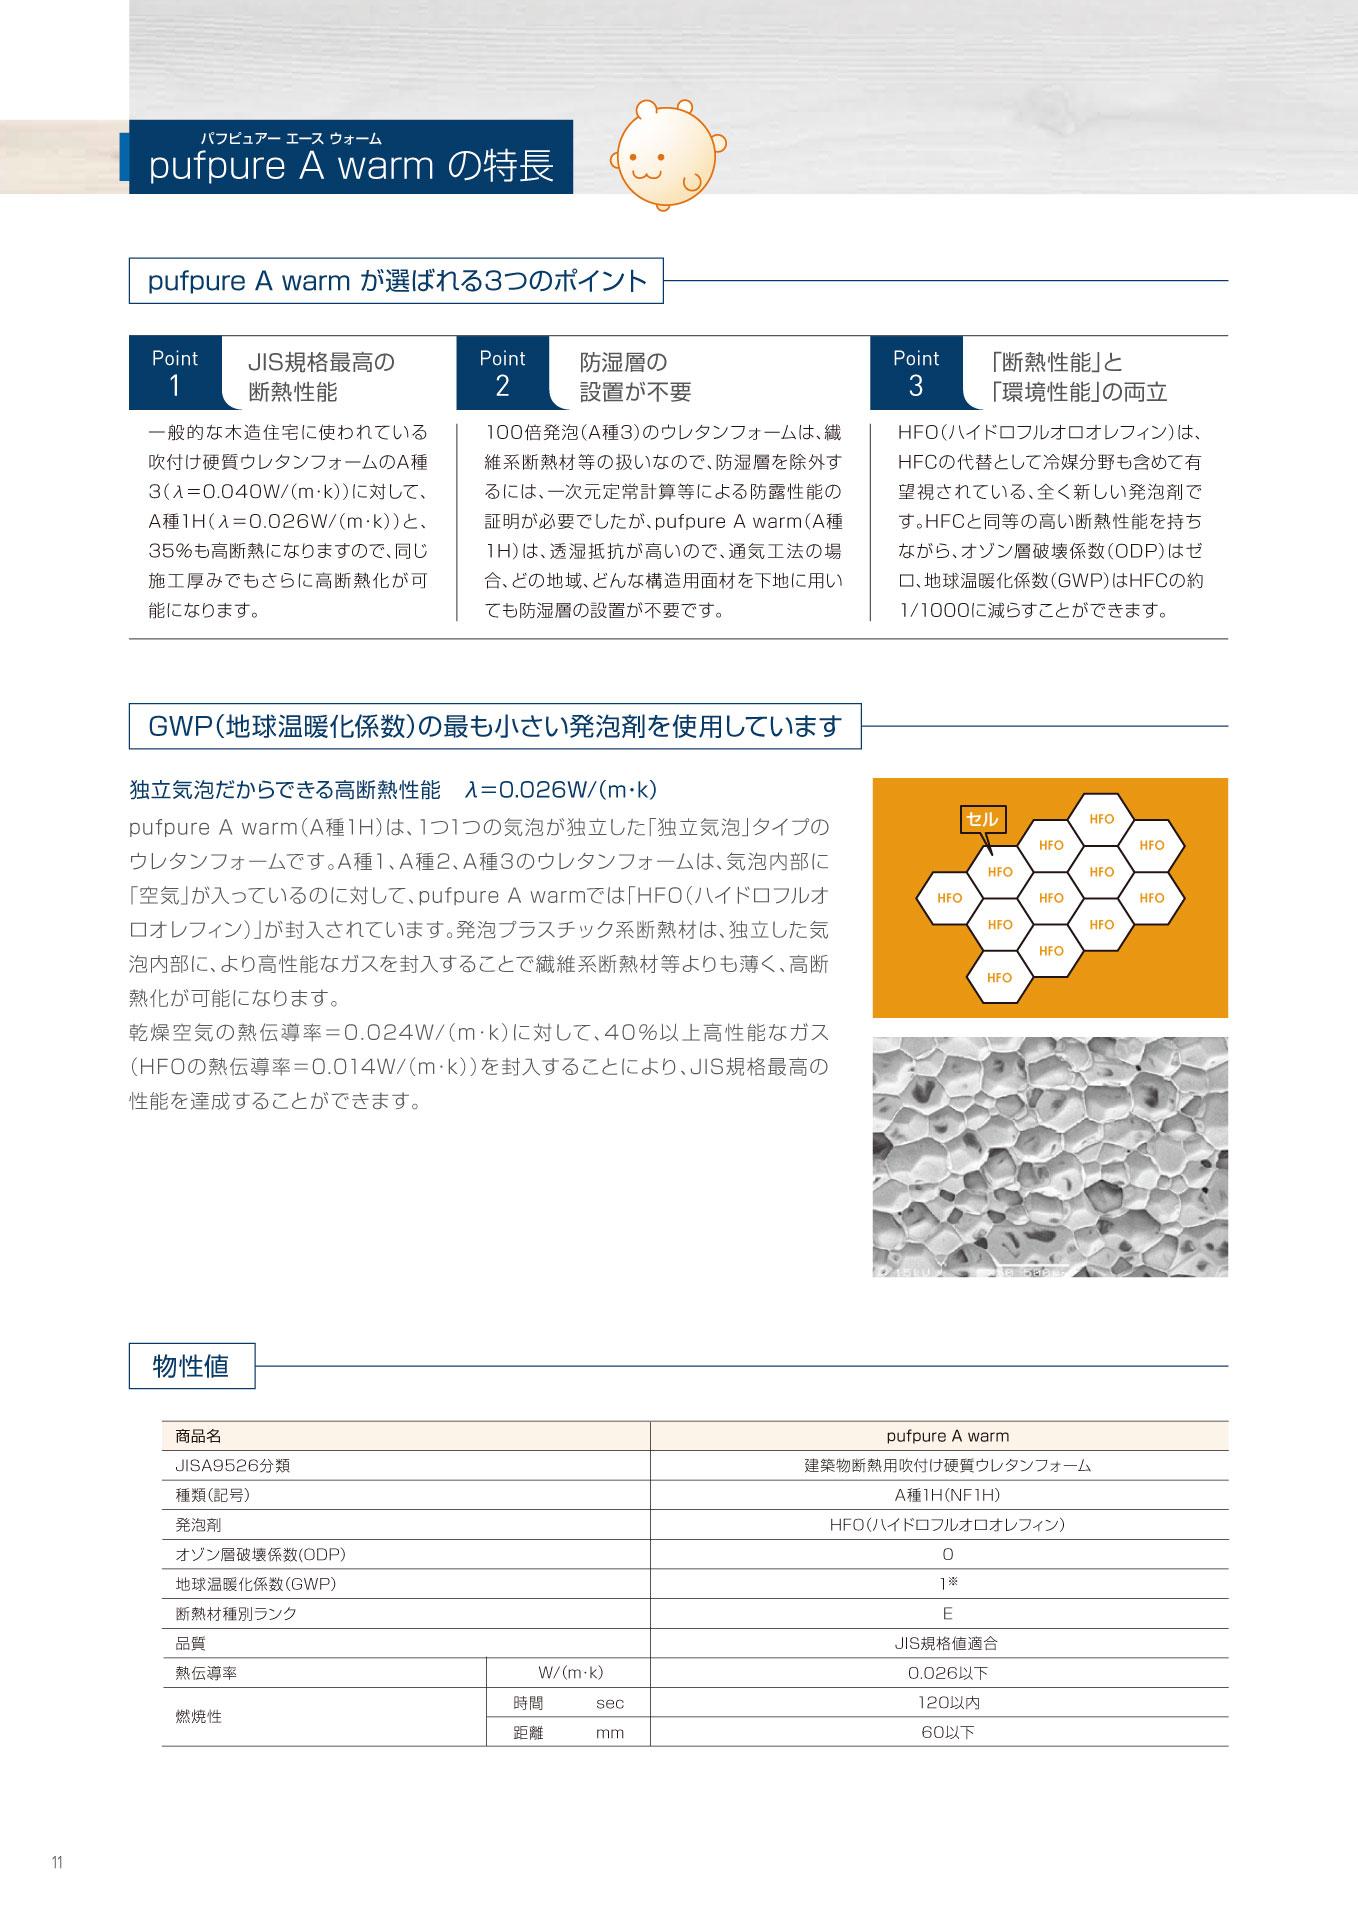 木造住宅用総合カタログP11